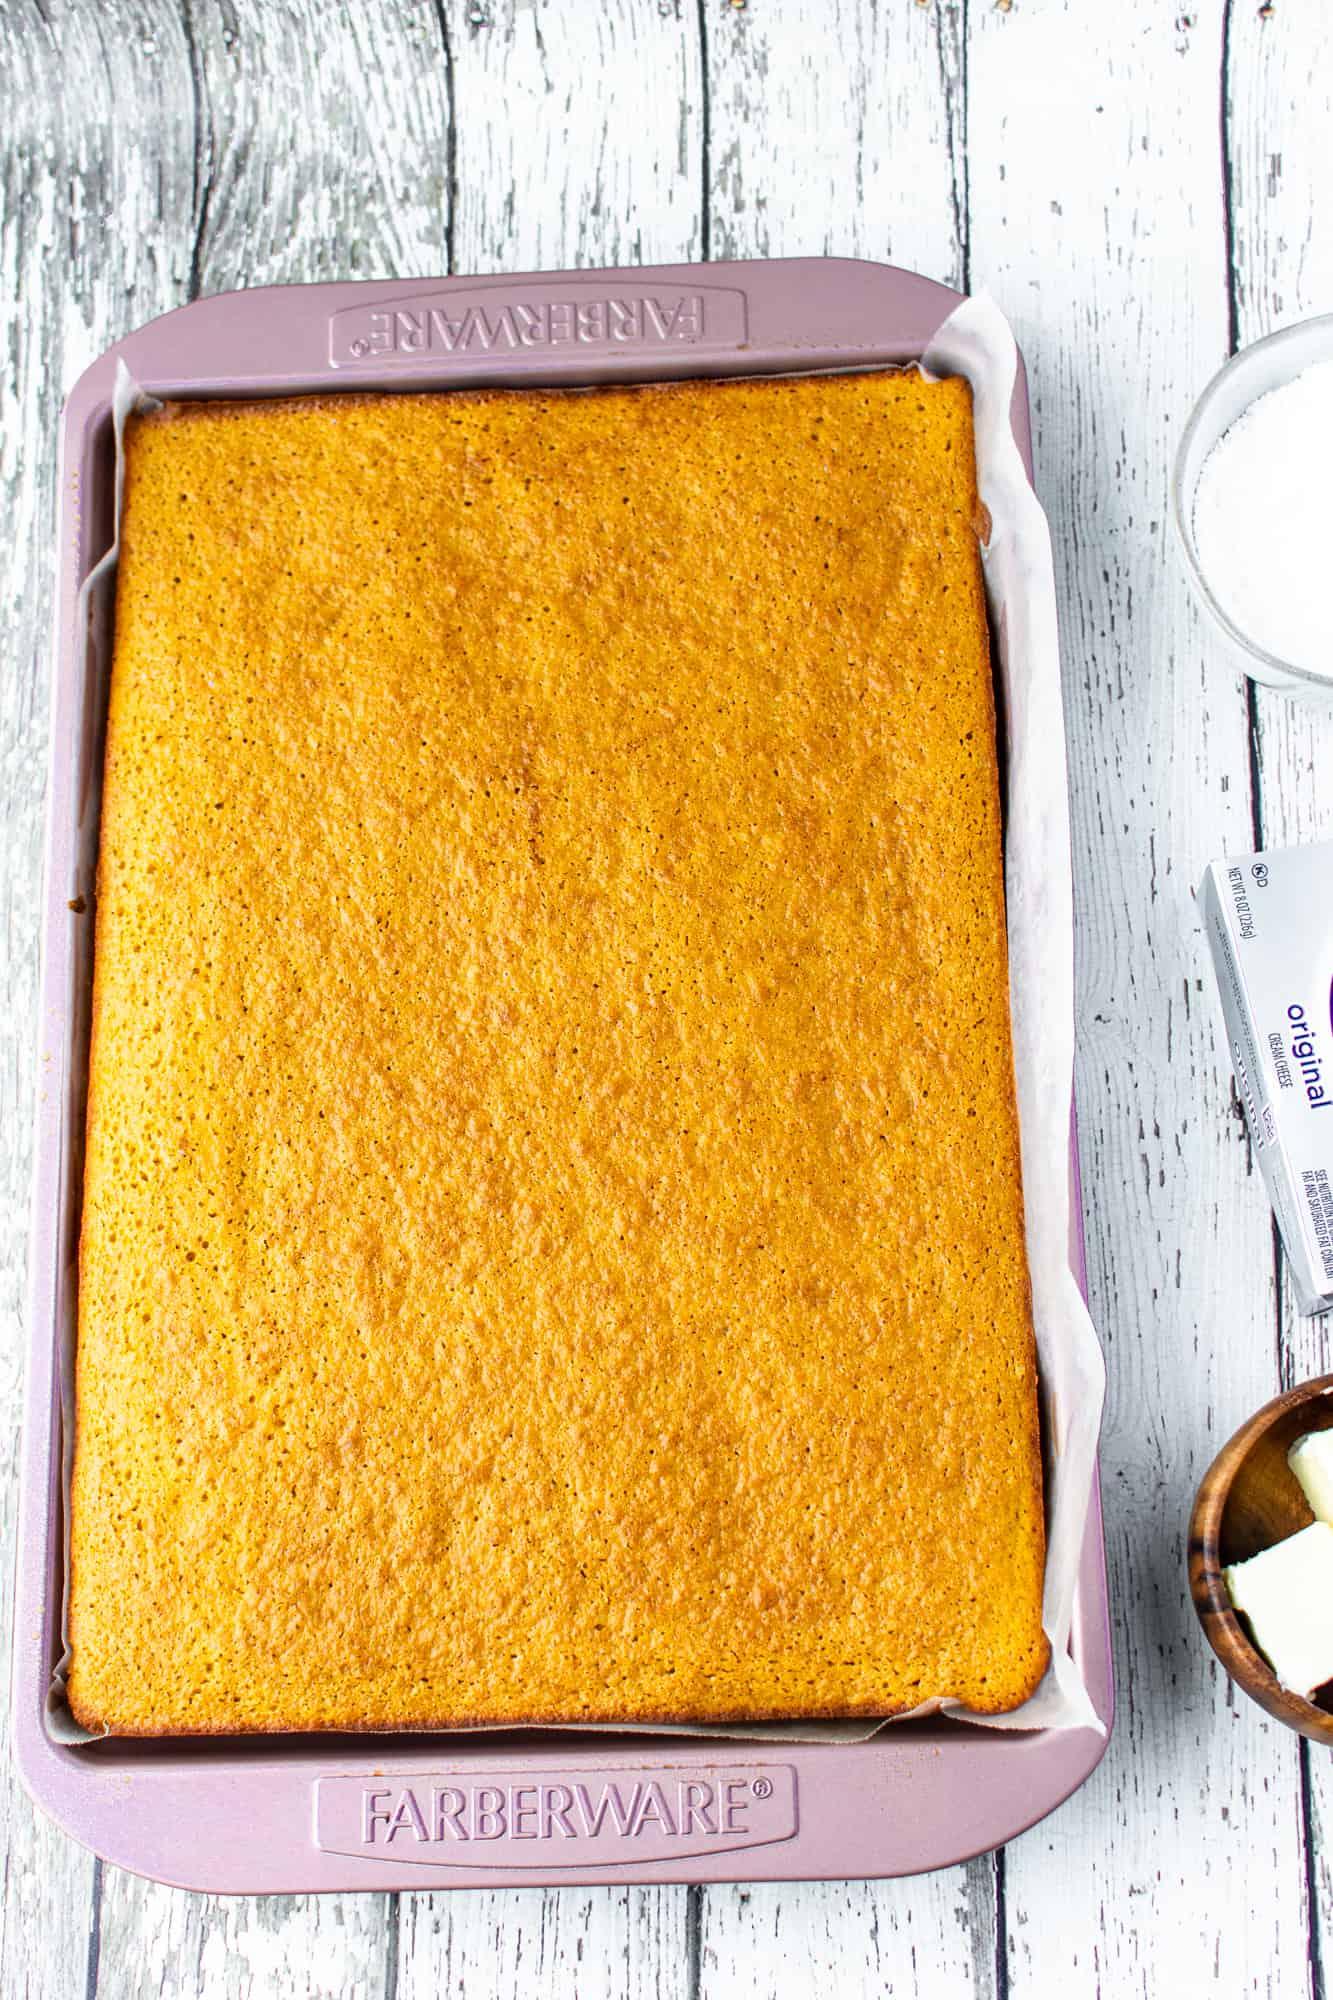 fully baked pumpkin cake shown in baking pan.